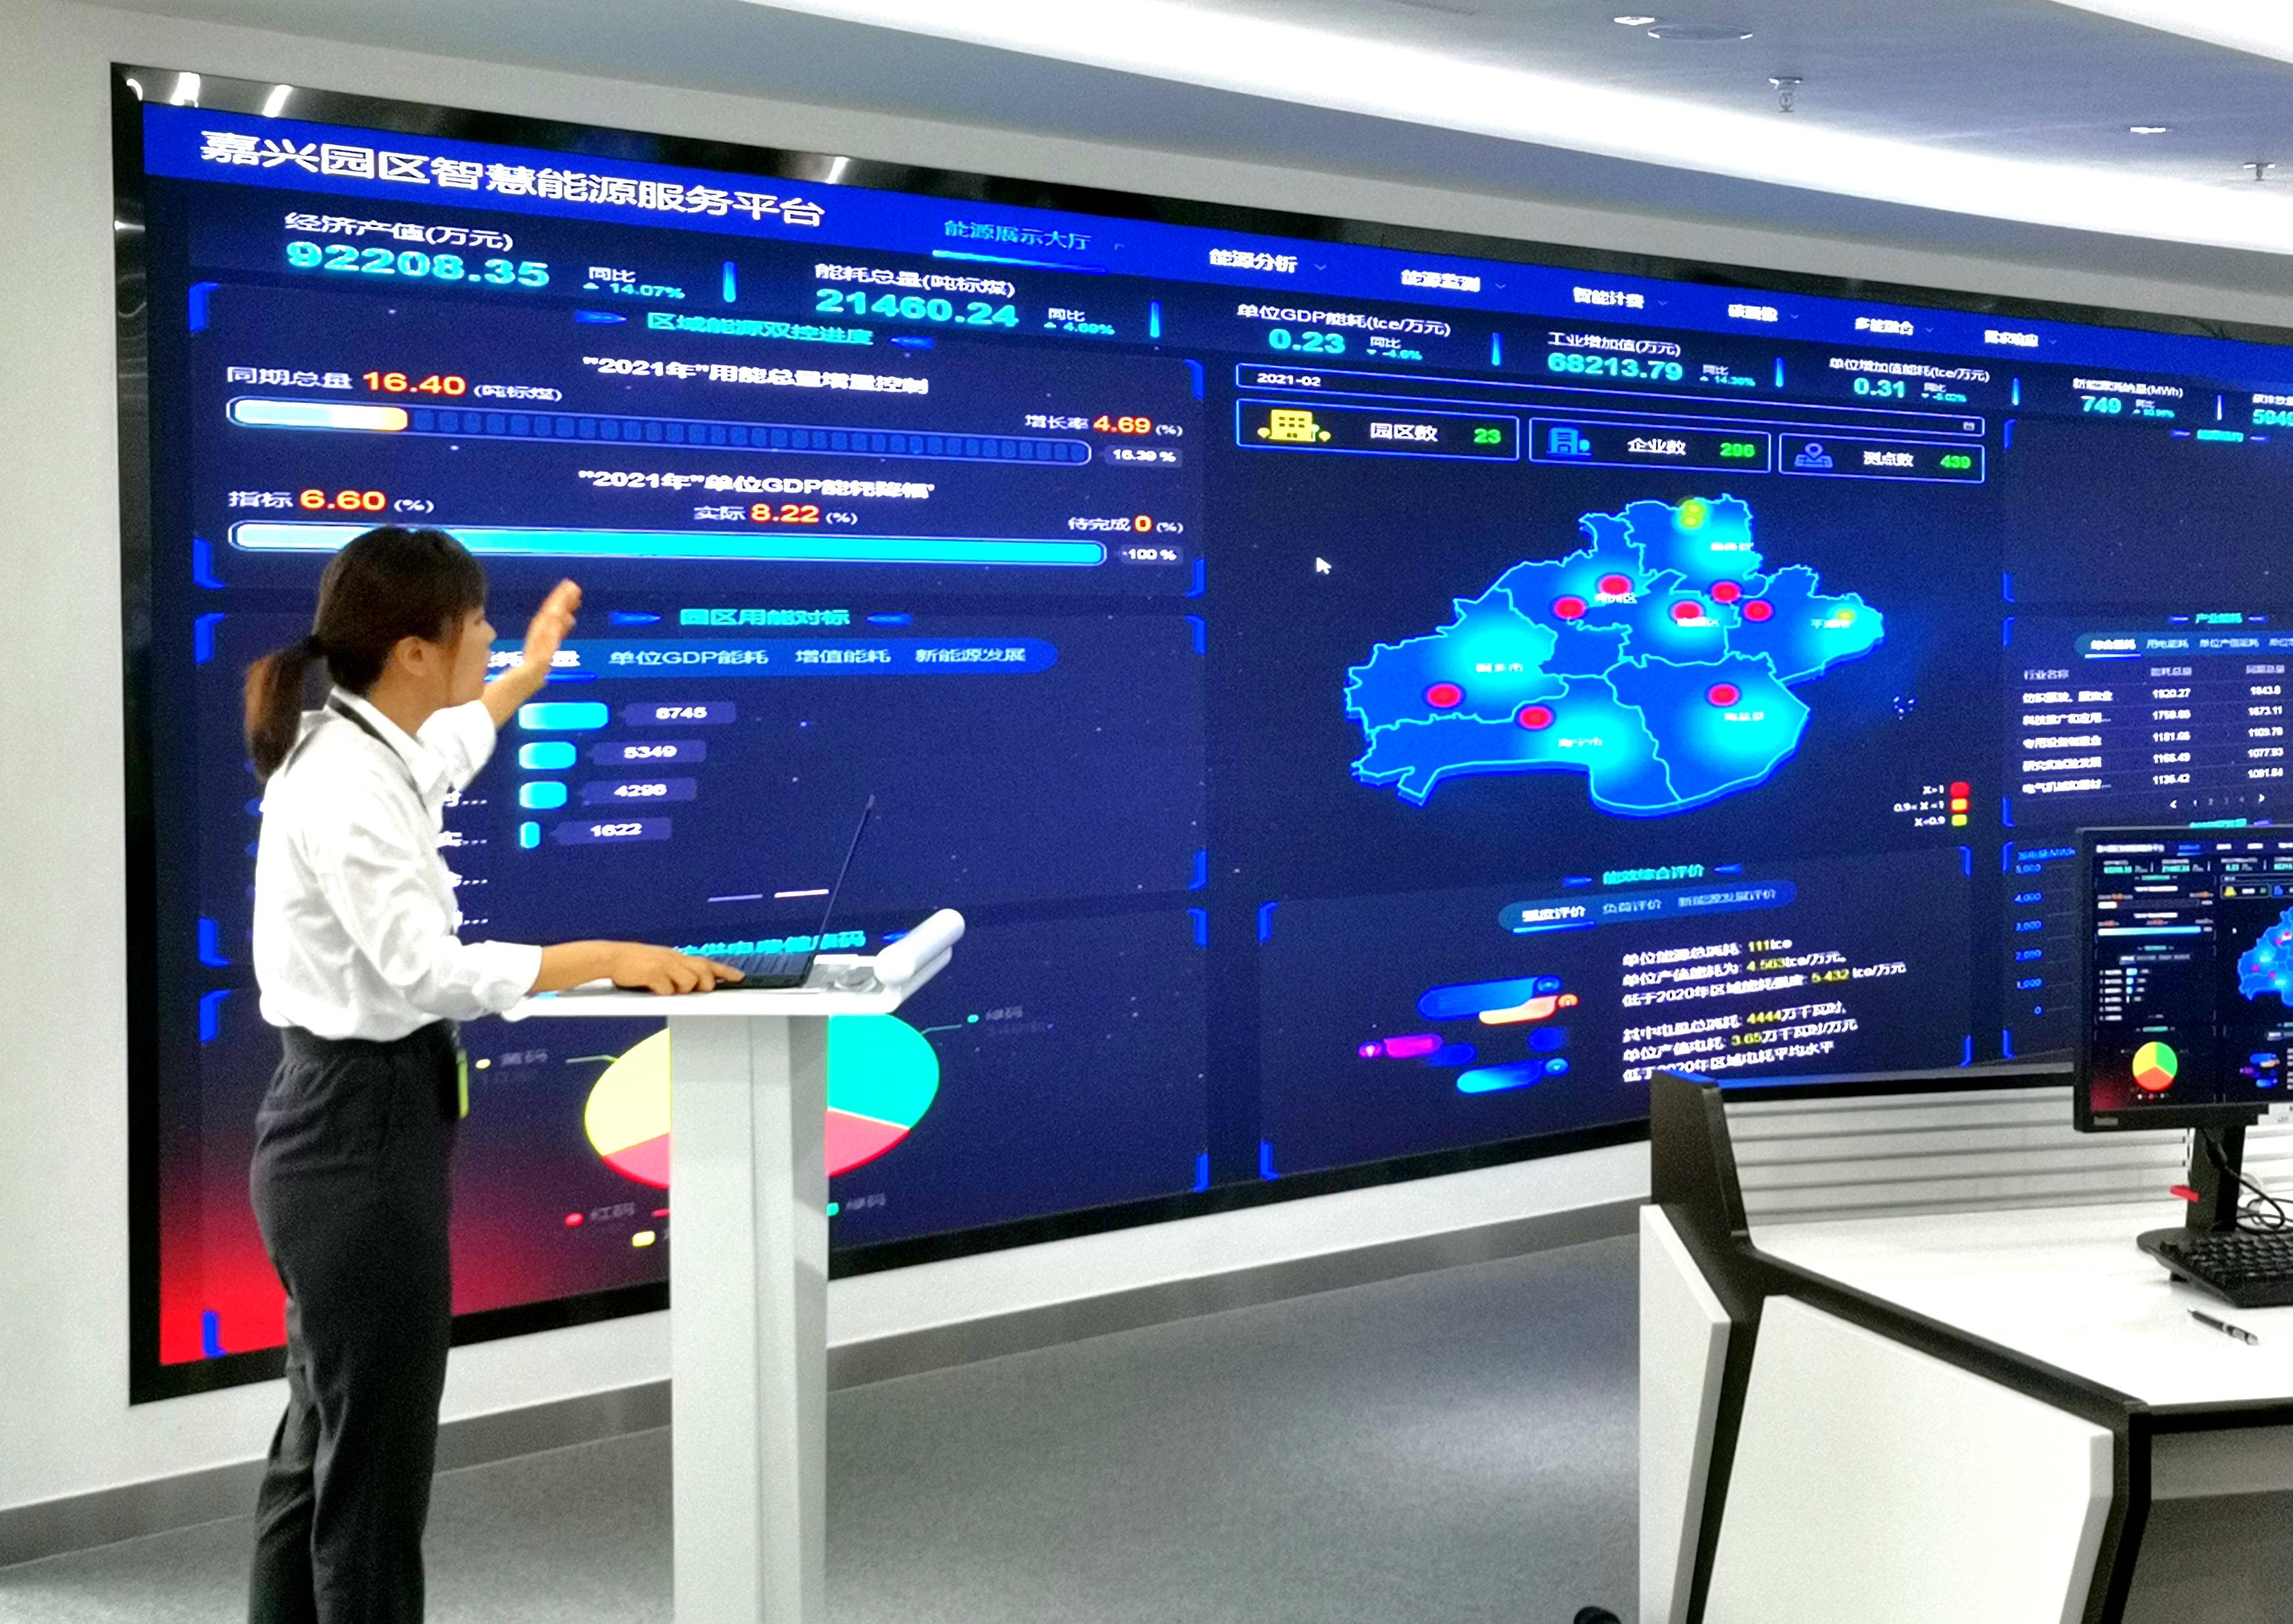 嘉兴能源大数据平台投用以来,有效助力政府精准管控能源利用形势